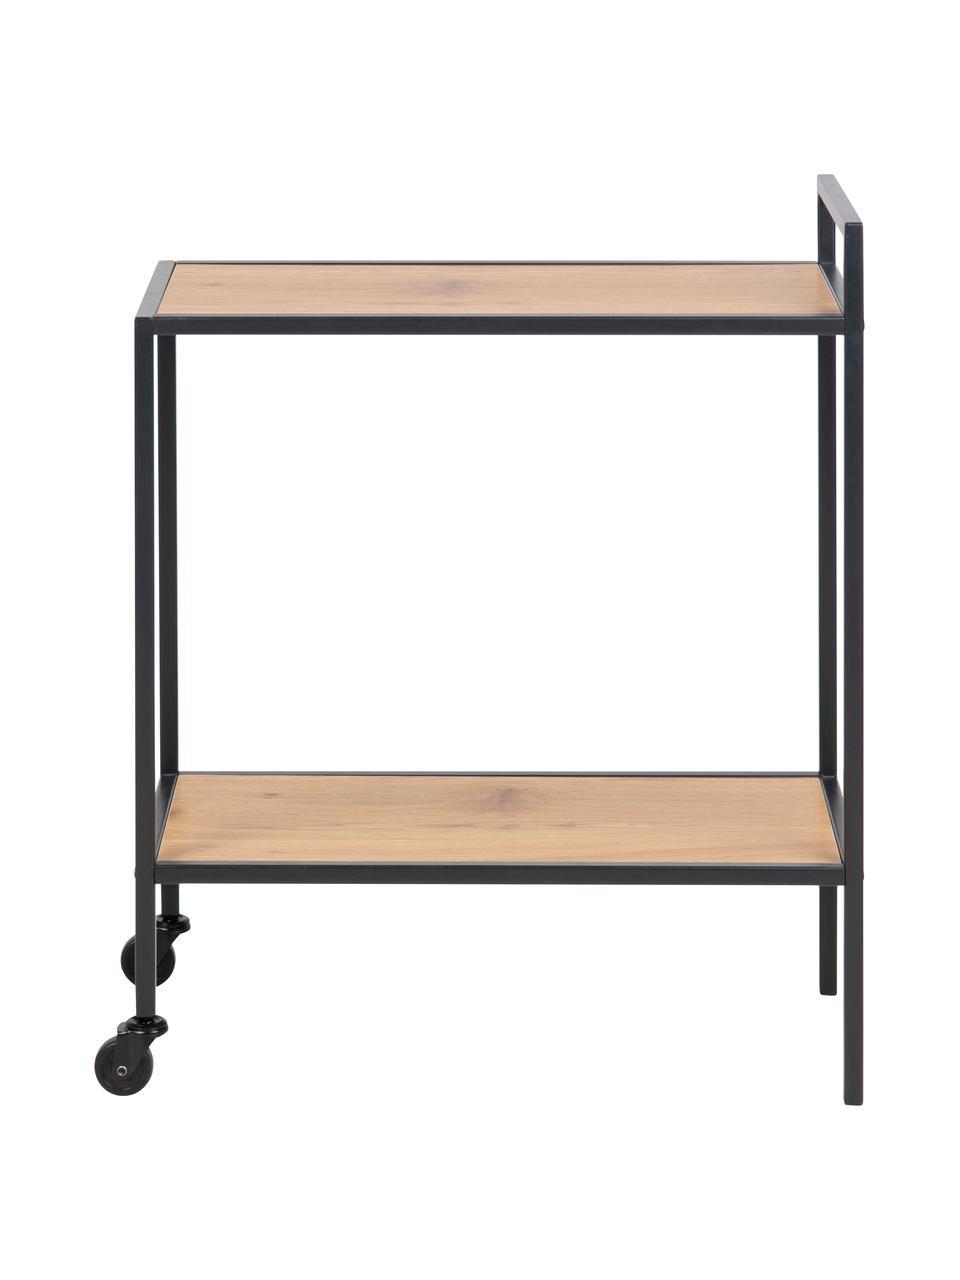 Wózek barowy z drewna i metalu Seaford, Stelaż: metal malowany proszkowo, Czarny, drewno dzikiego dębu, S 60 x W 75 cm